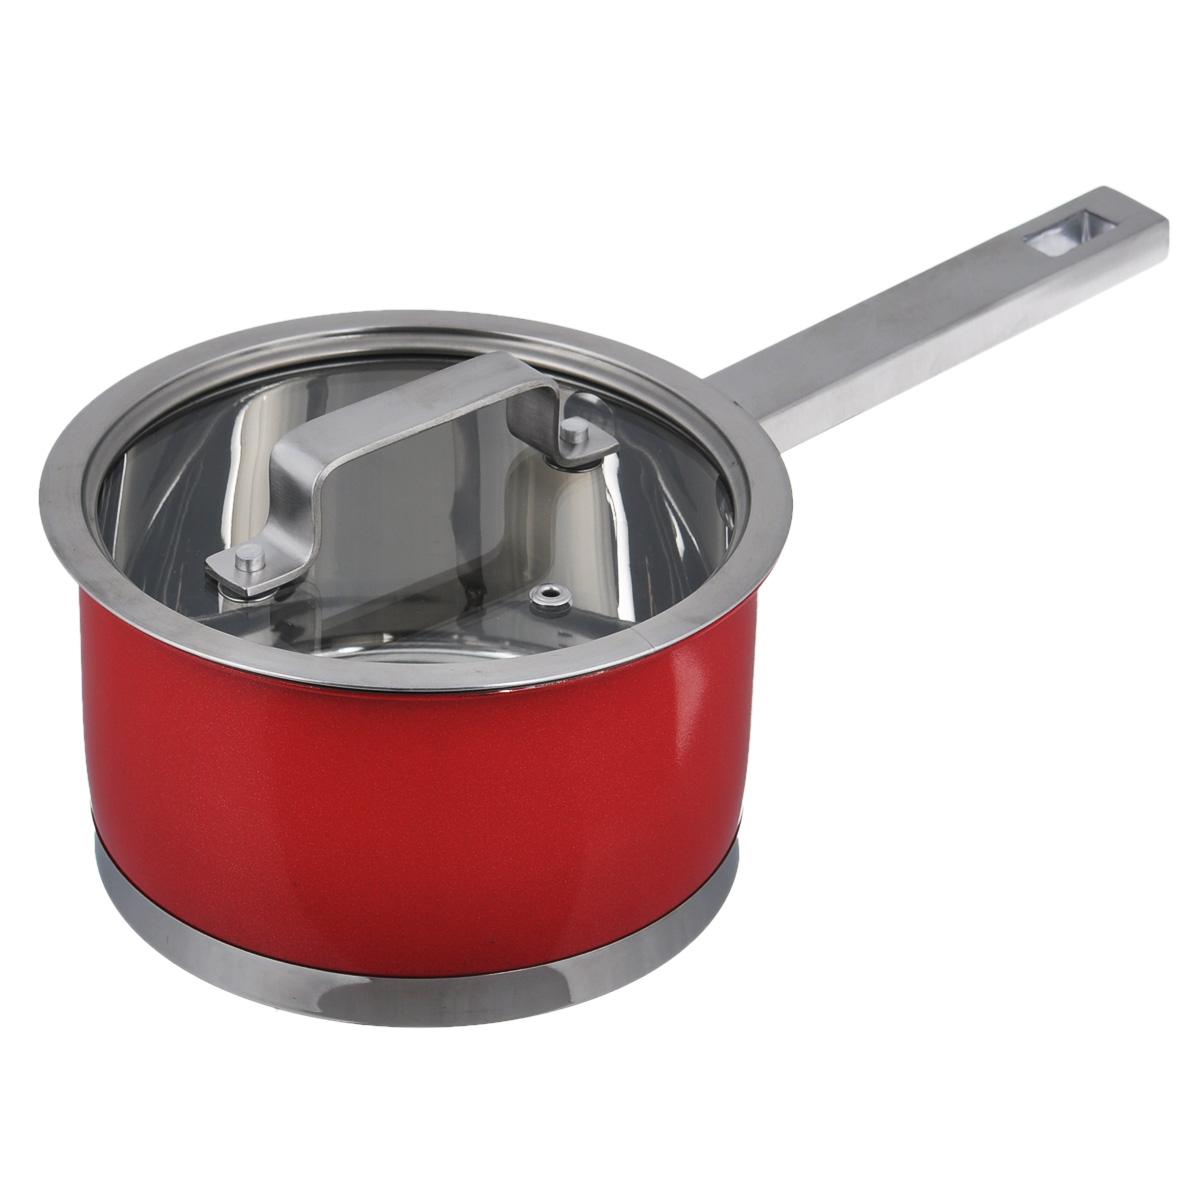 Ковш Bohmann с крышкой, цвет: красный, 1,9 л2716BHNEWКовш Bohmann, изготовленный из высококачественной нержавеющей стали. Ковш имеет капсульное дно с алюминиевым основанием, которое быстро и равномерно накапливает тепло и так же равномерно передает его пище. Оно позволяет готовить блюда с минимальным количеством воды и жира, сохраняя при этом вкусовые и питательные вещества продуктов. Внешняя поверхность ковша оформлена сочетанием зеркальной и матовой цветной полировки. Изделие оснащено удобной ручкой из нержавеющей стали. Крышка ковша изготовлена из жаропрочного стекла и оснащена отверстием для выхода пара, ободком из нержавеющей стали и удобной ручкой. Благодаря особенному дизайну крышки, пар, образующийся в процессе приготовления, собирается в центре крышки и, конденсируясь, капает на дно кастрюли. Крышка и обод кастрюли имеют такую форму, что между ними образуется водное кольцо, предотвращающее испарение влаги и потерю вкусовых свойств продуктов. Ковш Bohmann - это идеальный подарок для современных хозяек, которые...